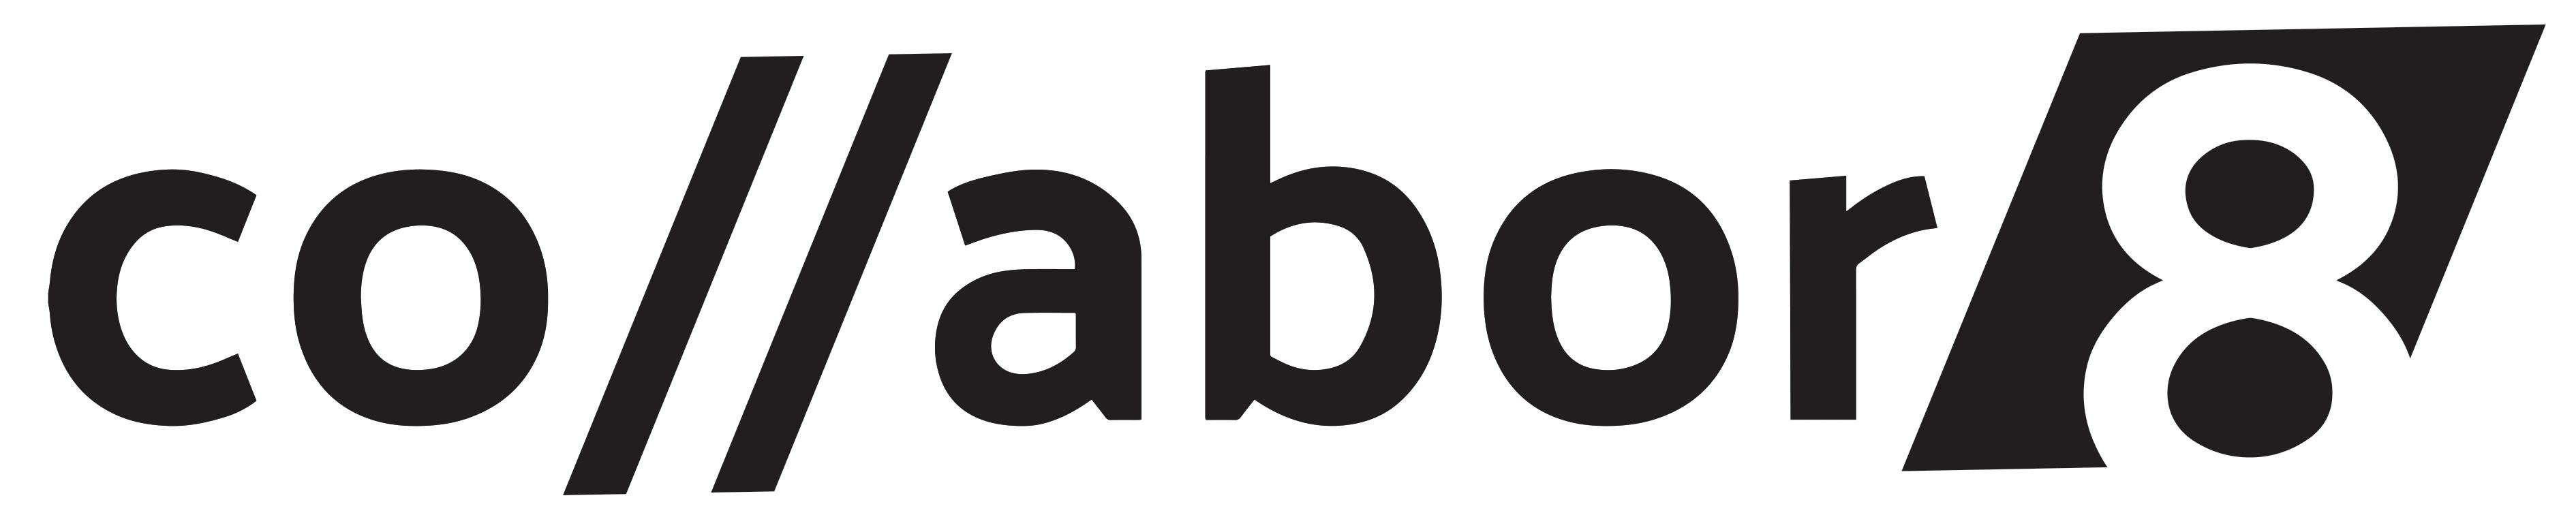 Co//abor8